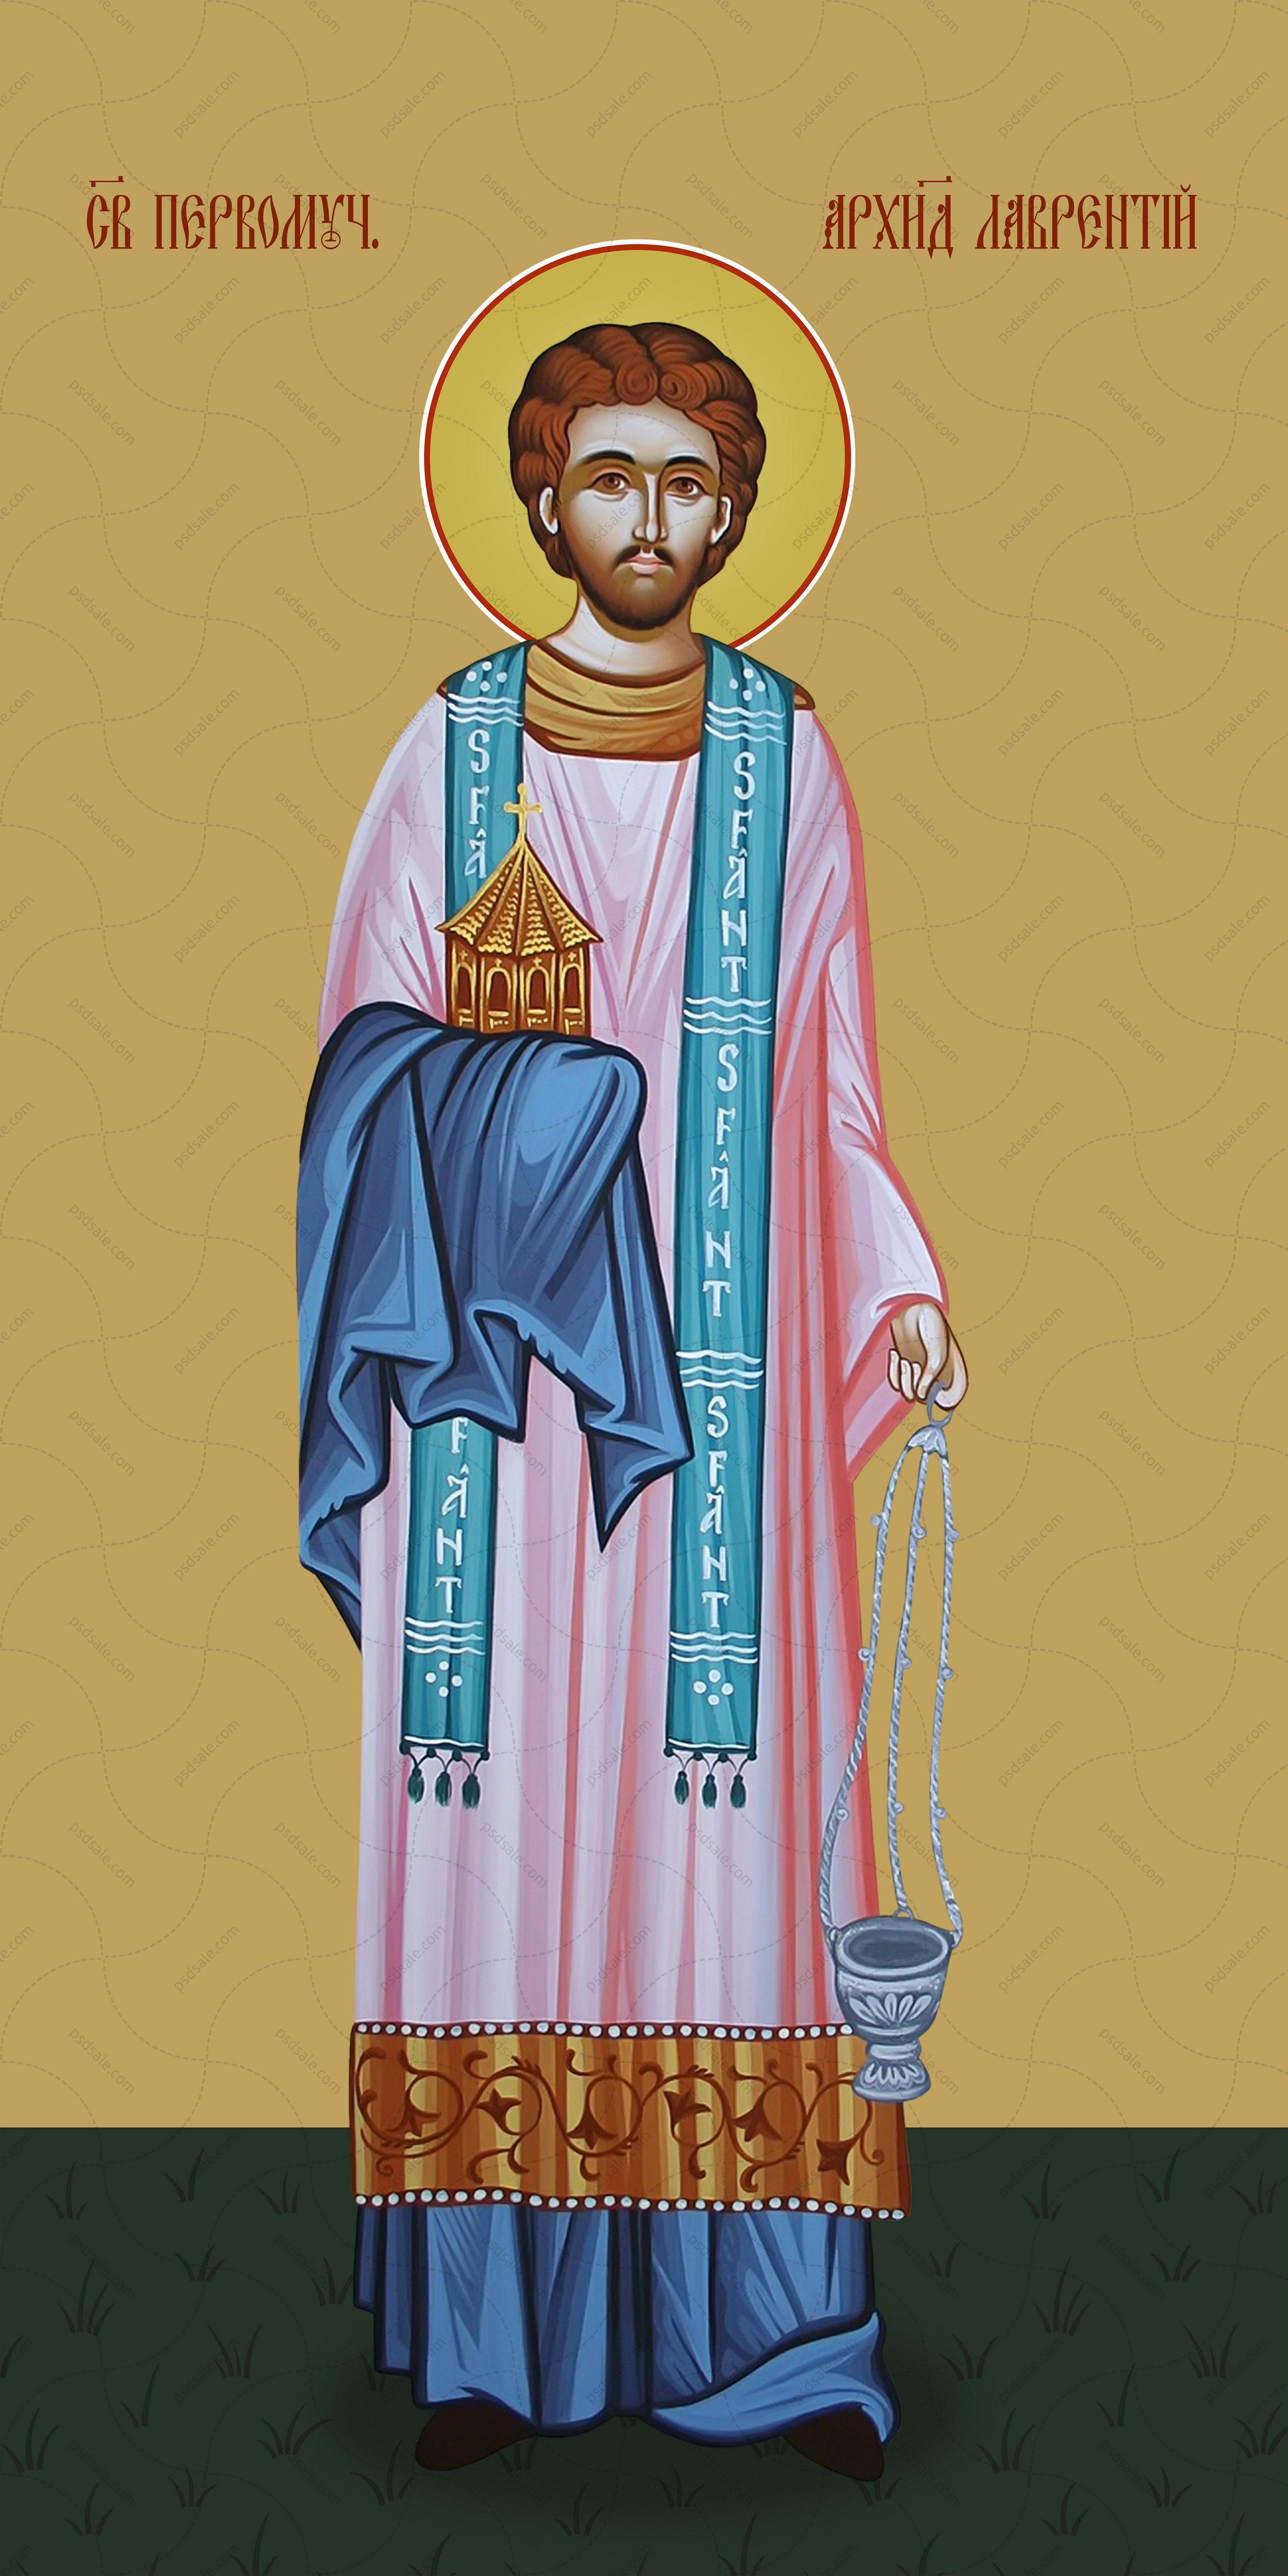 Мерная икона, Лаврентий Римский, архидякон